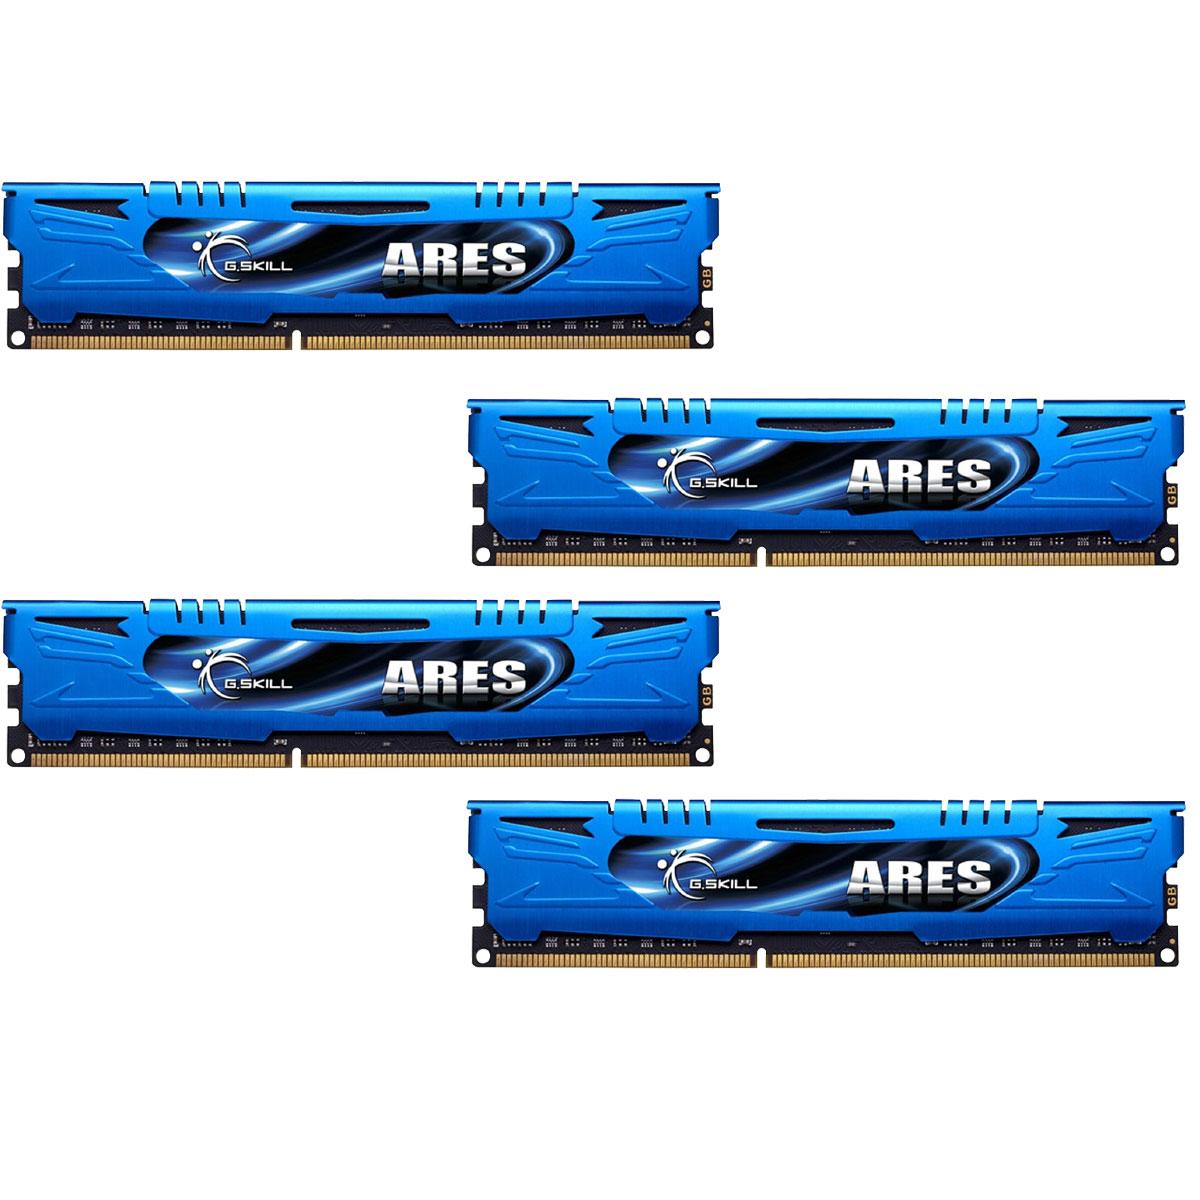 Mémoire PC G.Skill Ares Blue Series 16 Go (4 x 4 Go) DDR3 1600 MHz CL9 Kit Quad Channel DDR3 PC3-12800 - F3-1600C9Q-16GAB (garantie à vie par G.Skill)